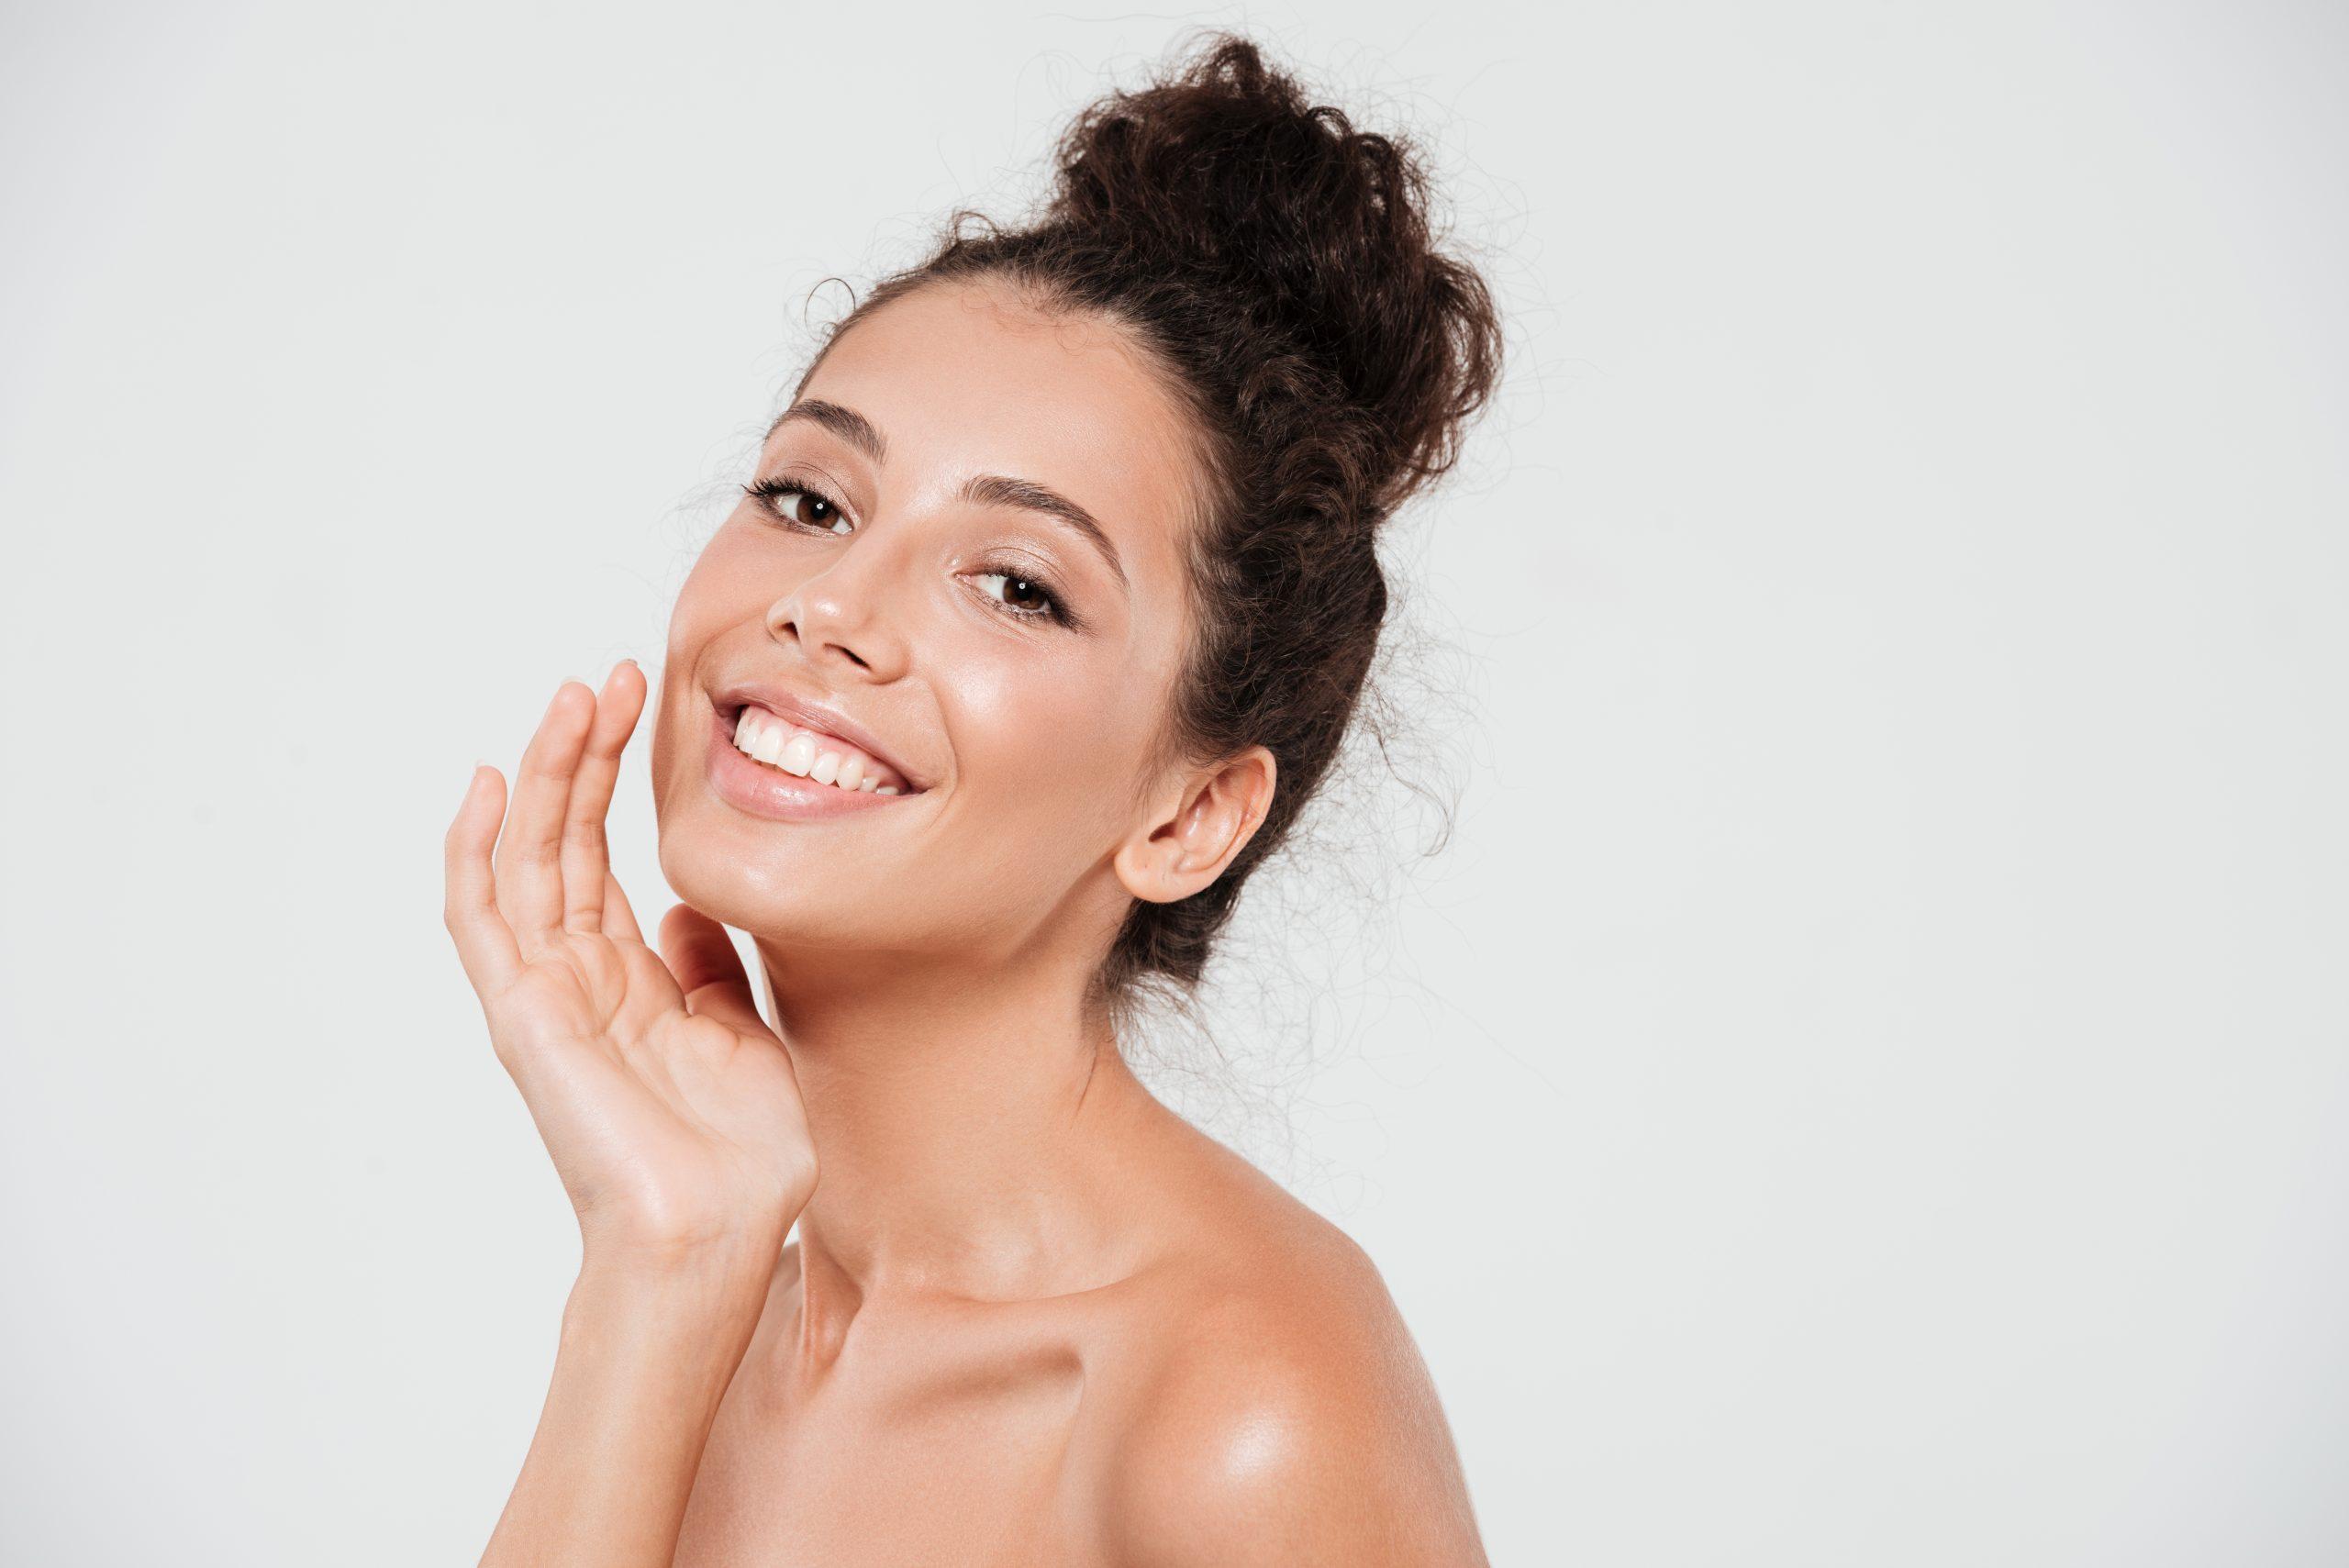 Bőrtípusok sminkelése lépések tippek tanácsok online smink tanfolyam